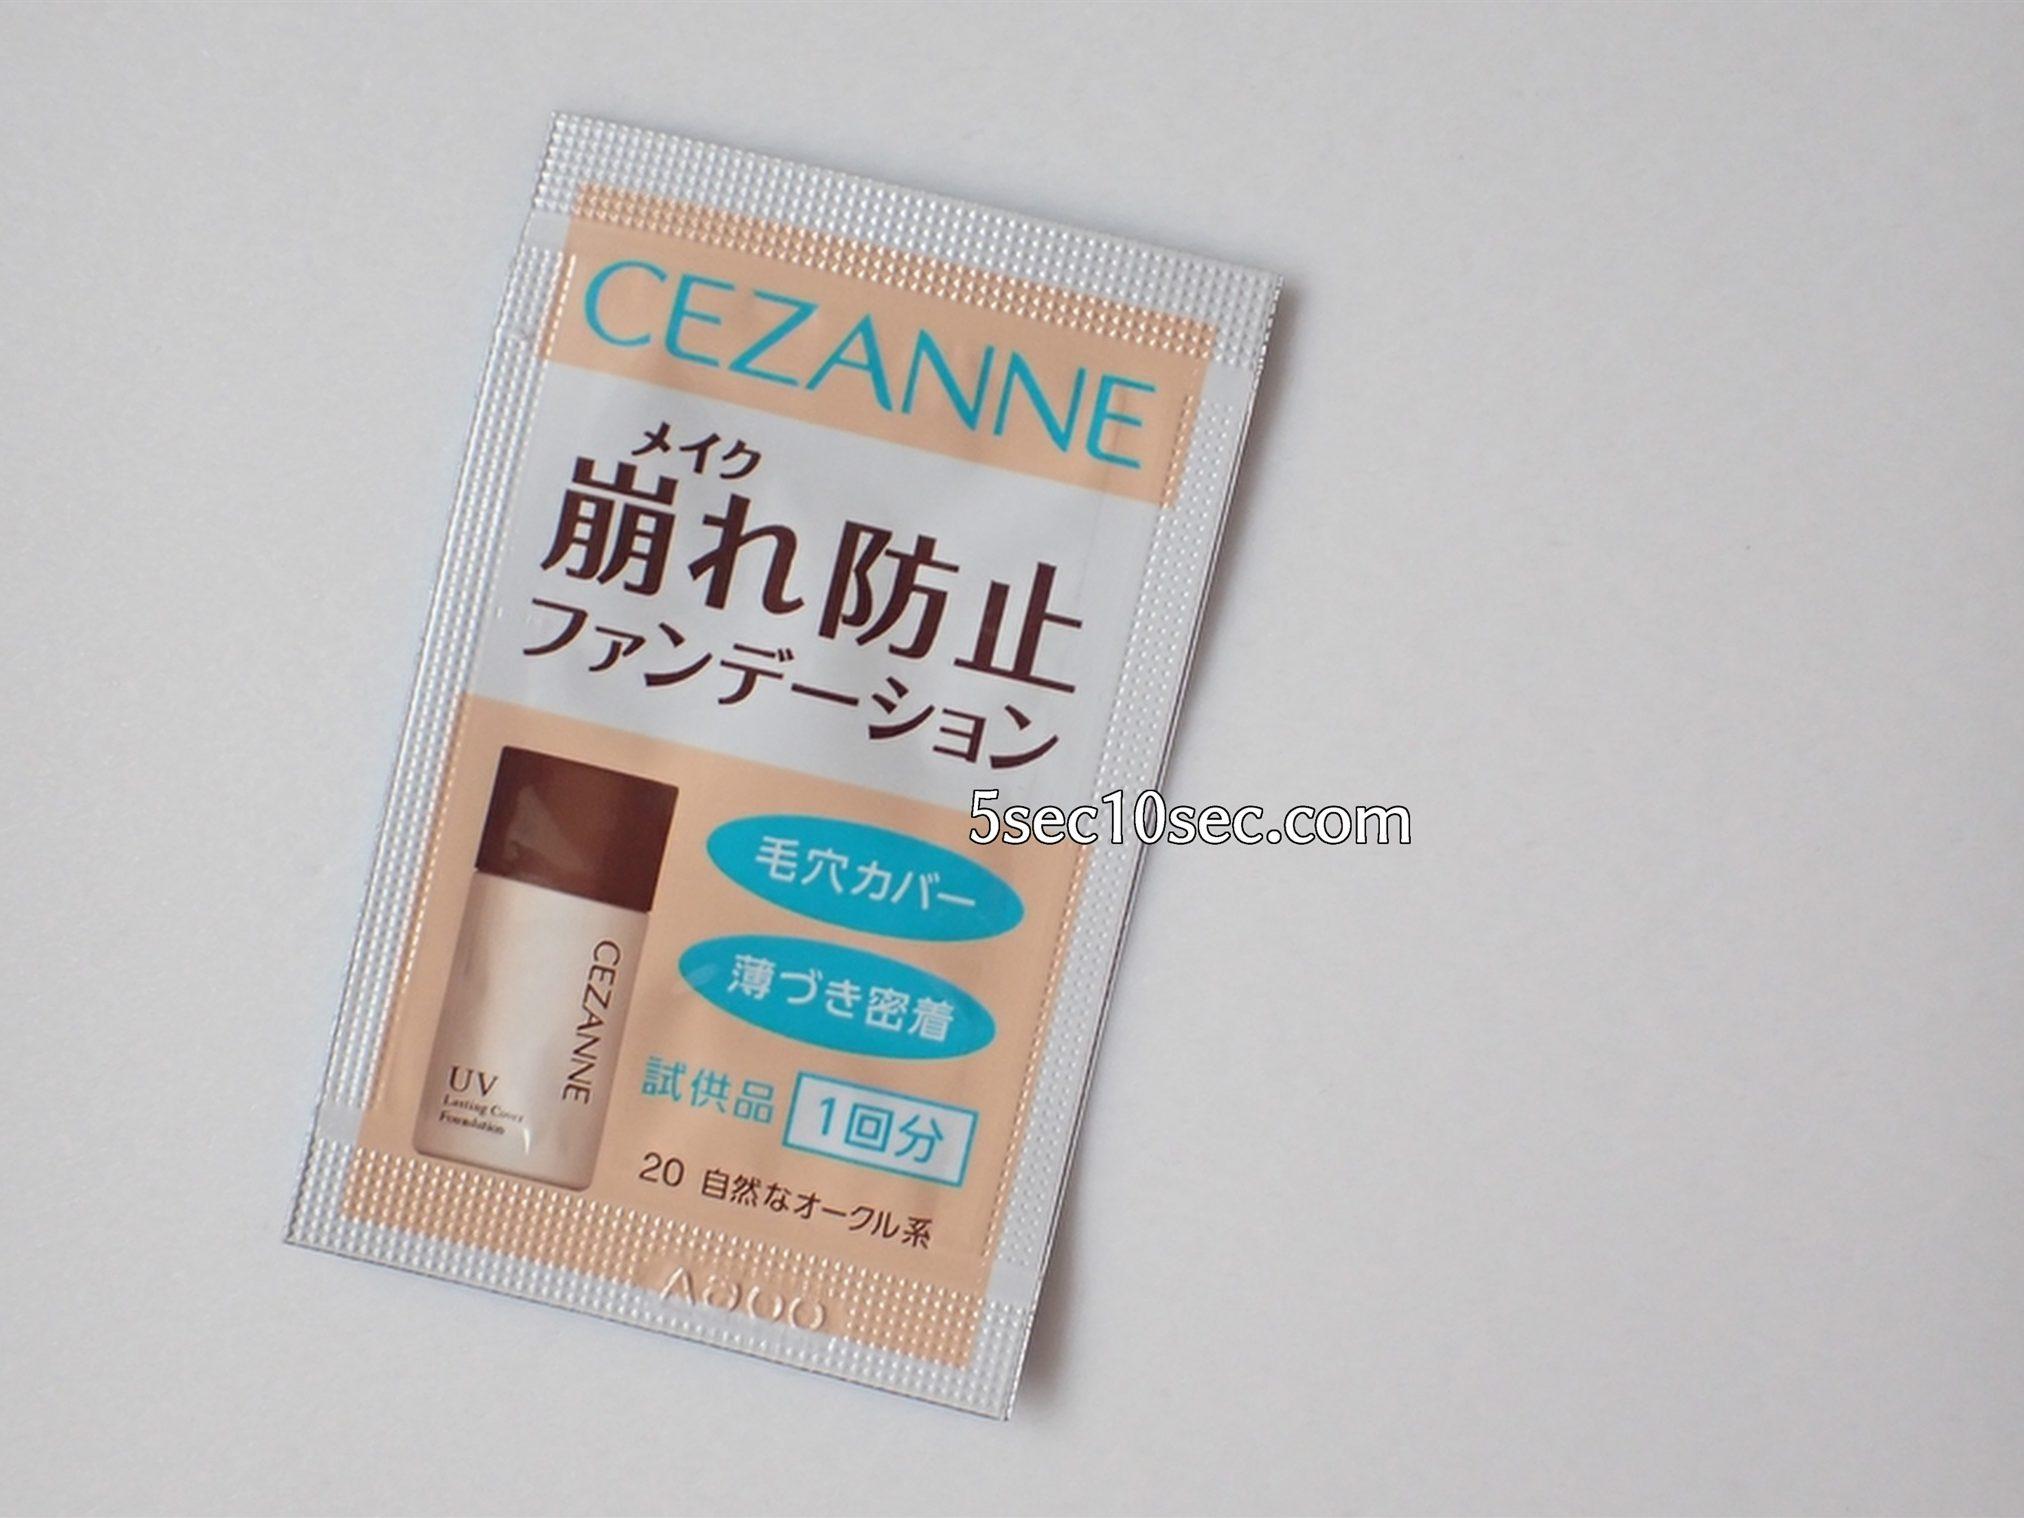 セザンヌ CEZANNE ラスティングカバーファンデーション 20 自然なオークル系 セザンヌメイトで届いたパウチのサンプル